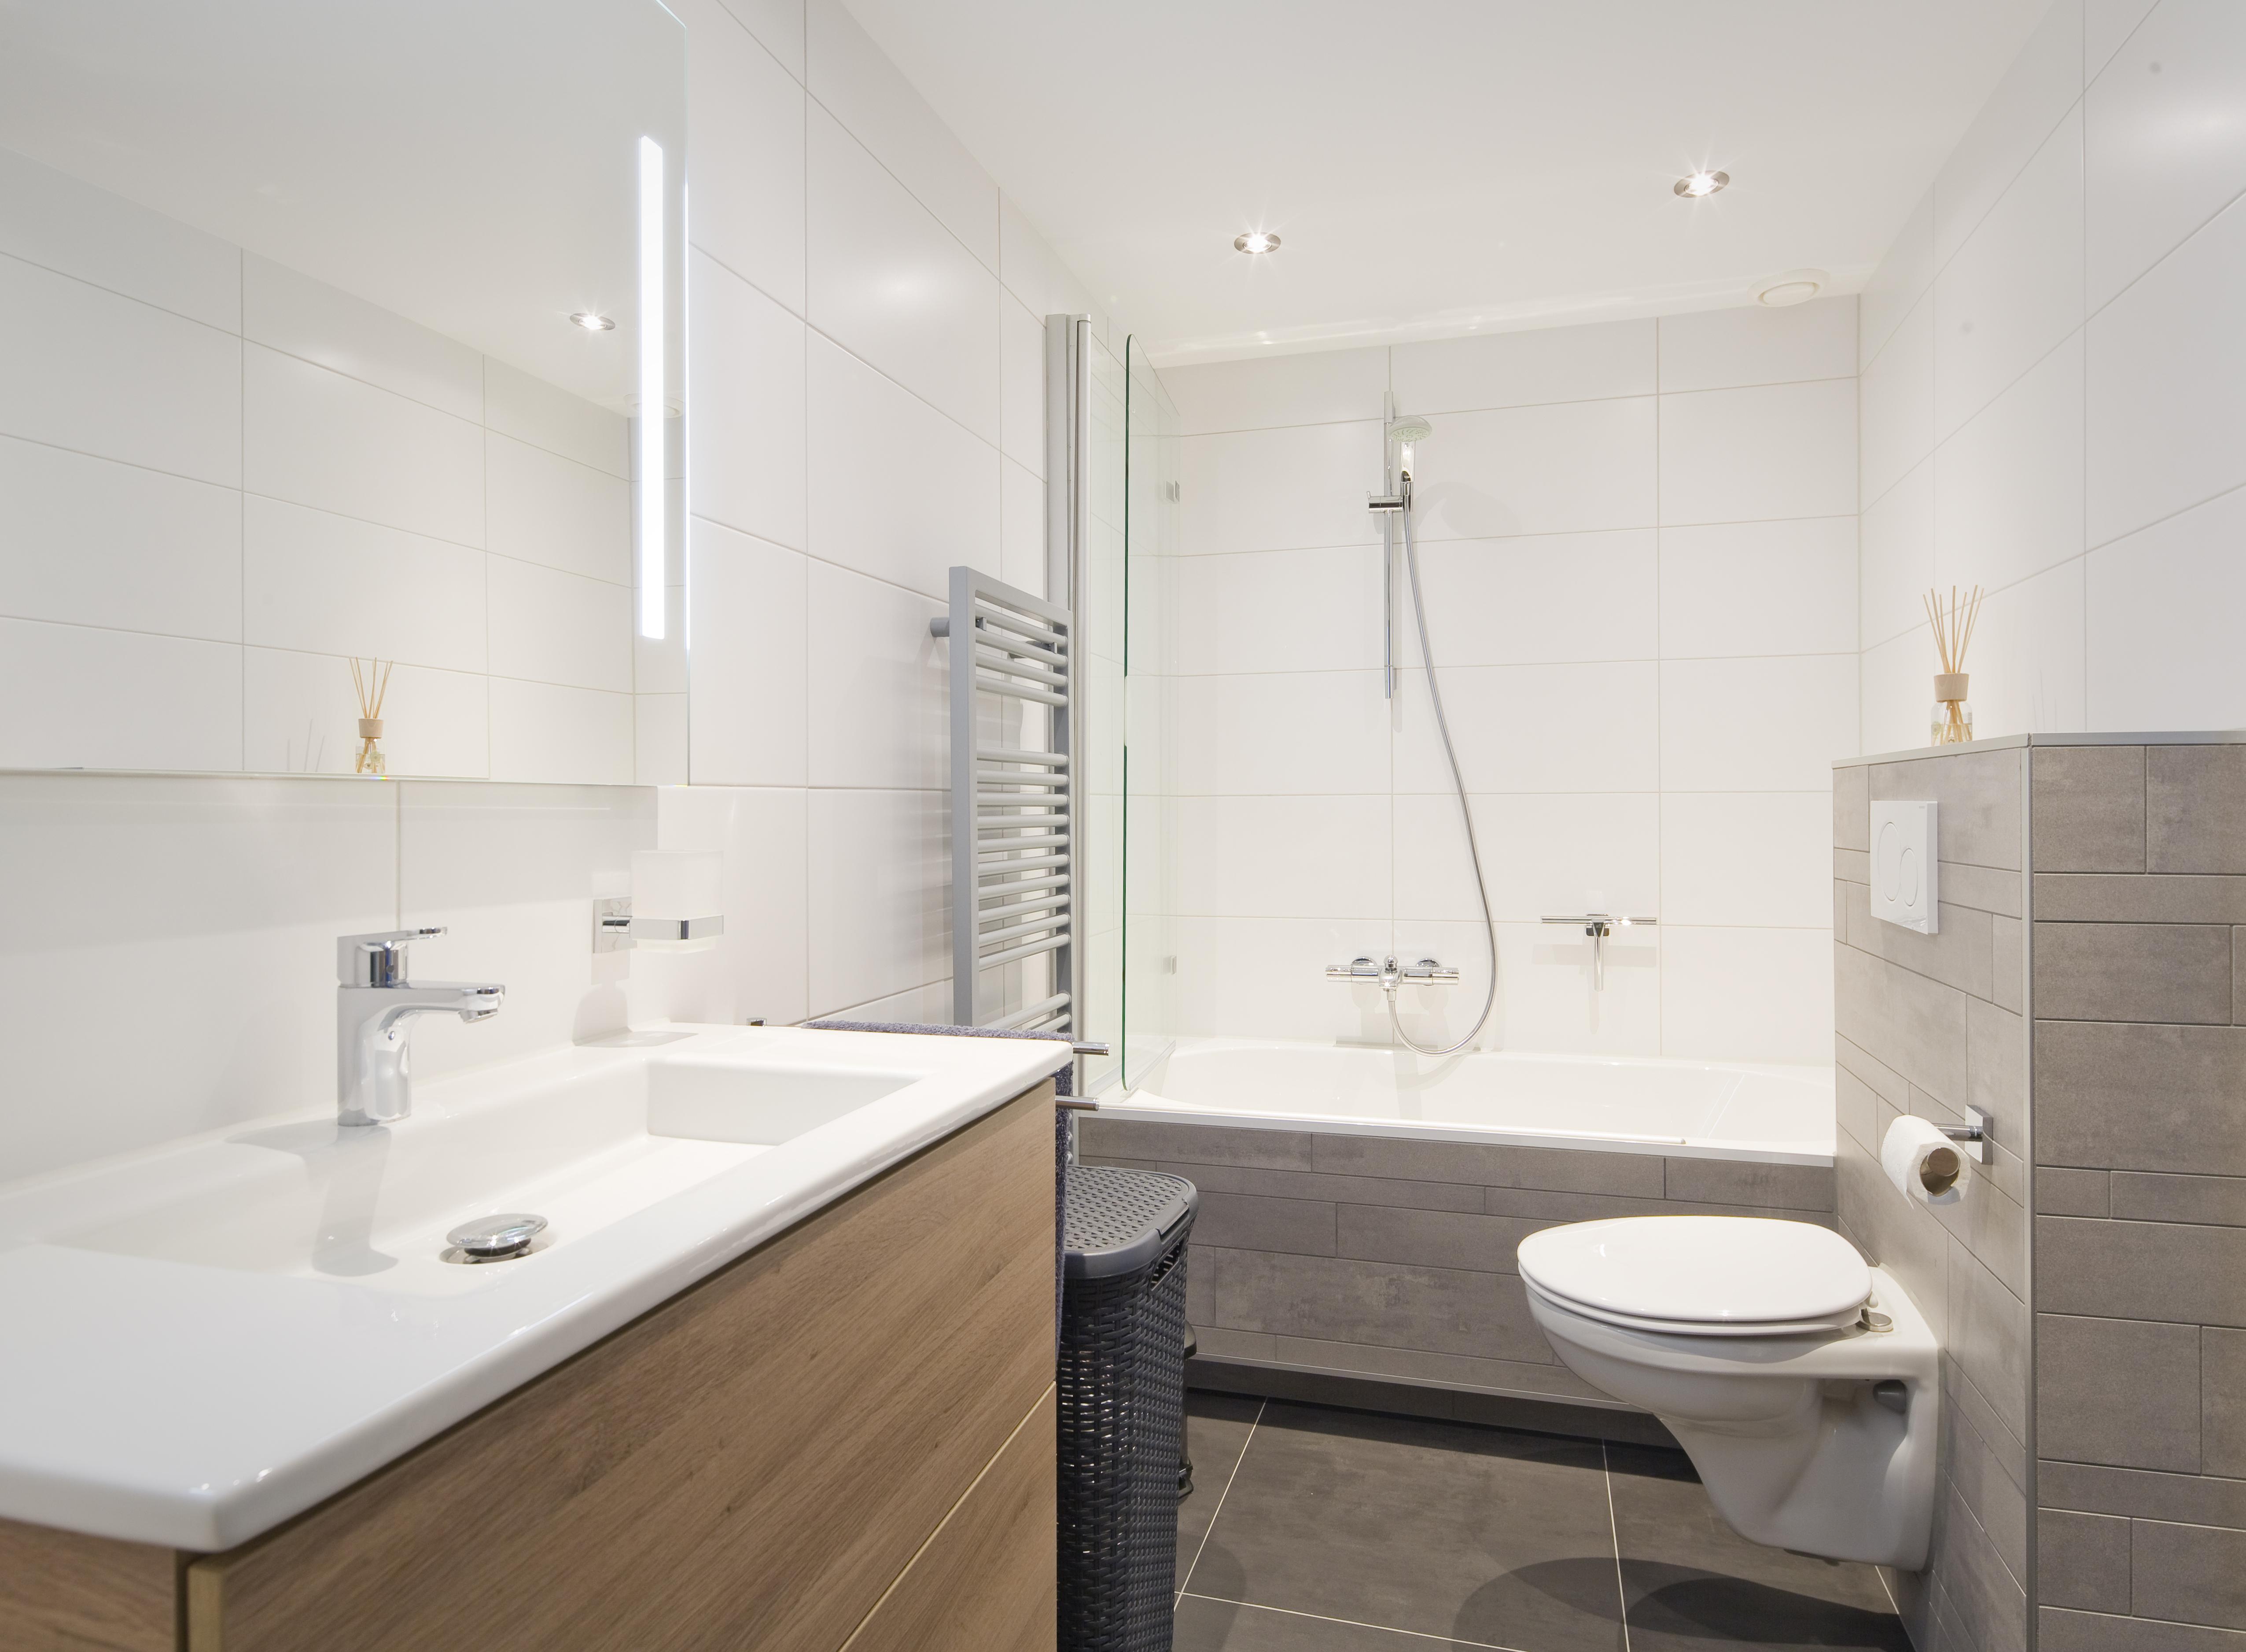 Badkamer Hoge Kast : Badkamer hoge kast minimalistische yddingen hoge kast ikea